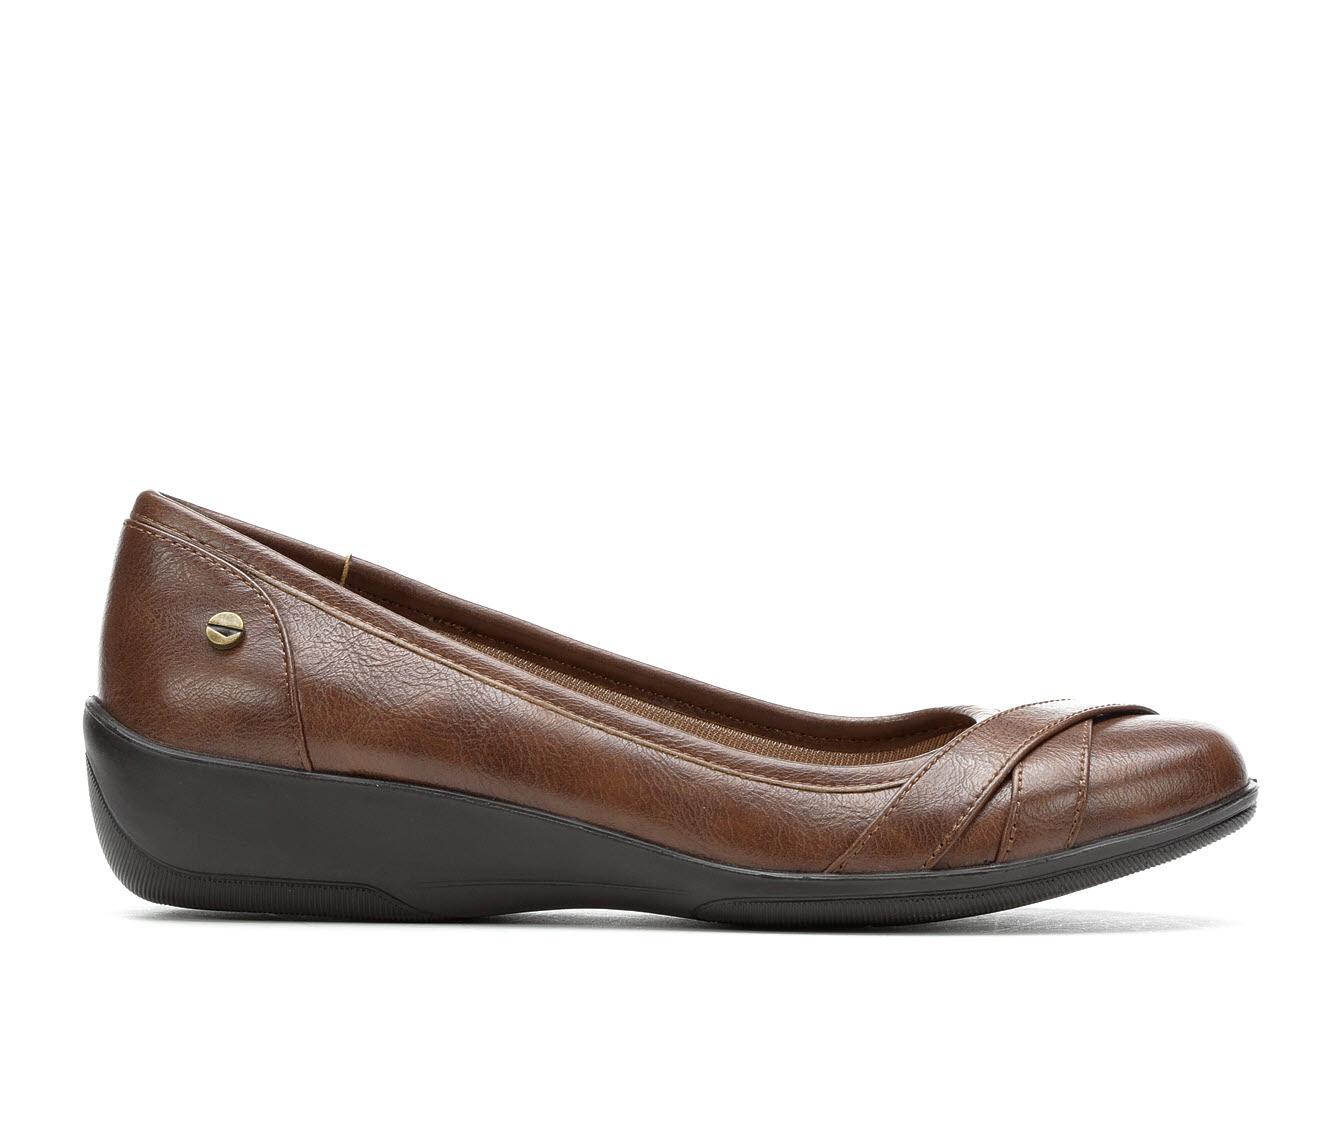 LifeStride Iloyal Women's Shoe (Brown Faux Leather)